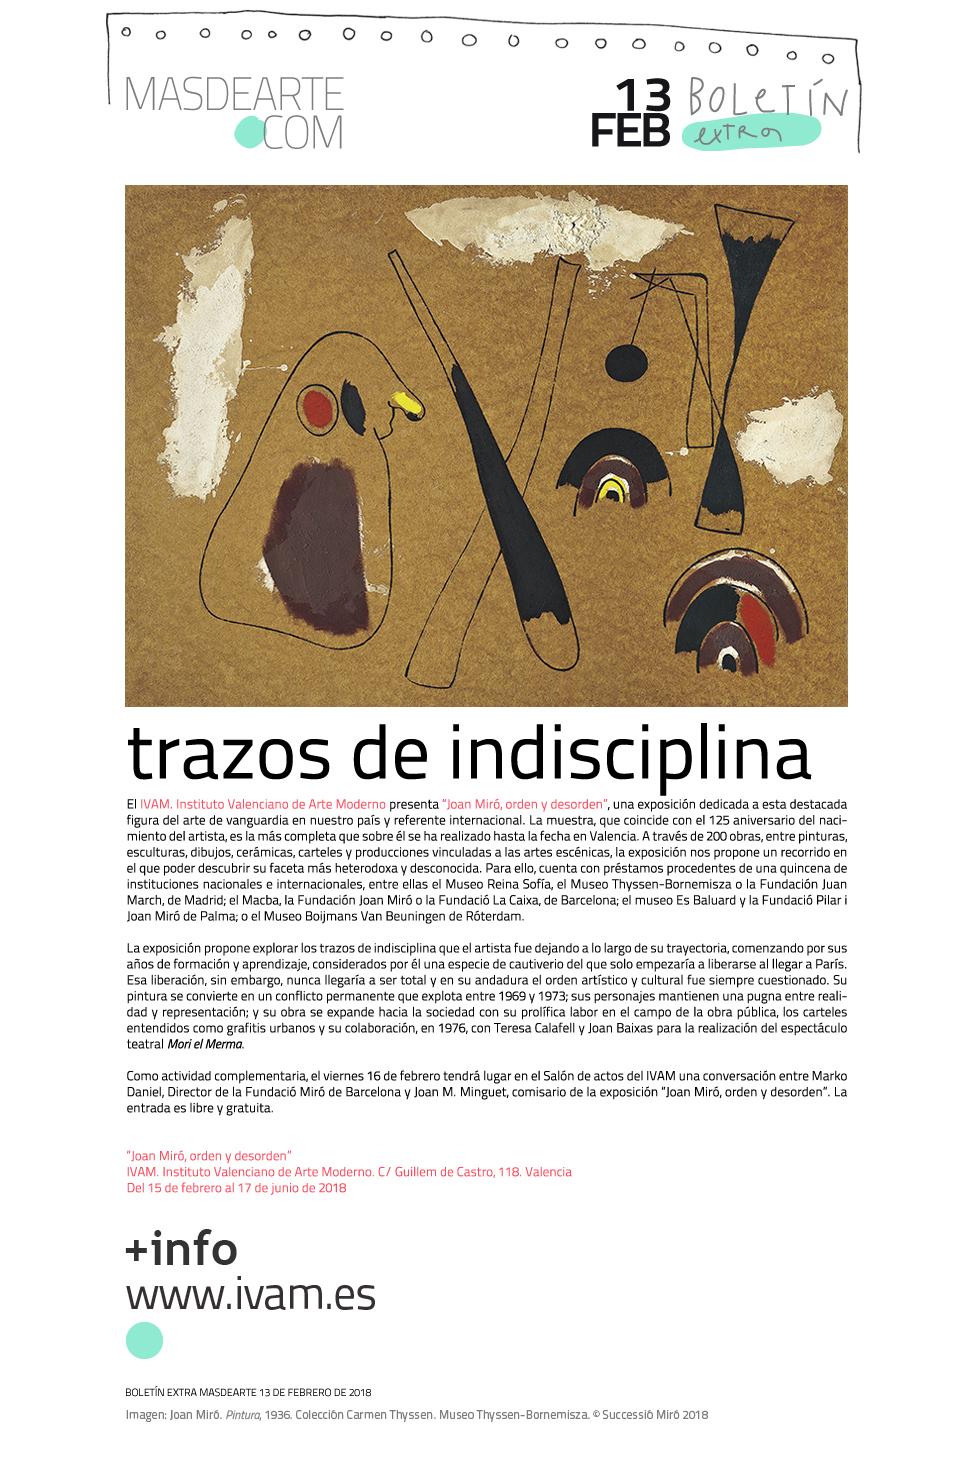 Extra masdearte: ''Joan Miró, orden y desorden'' en el IVAM